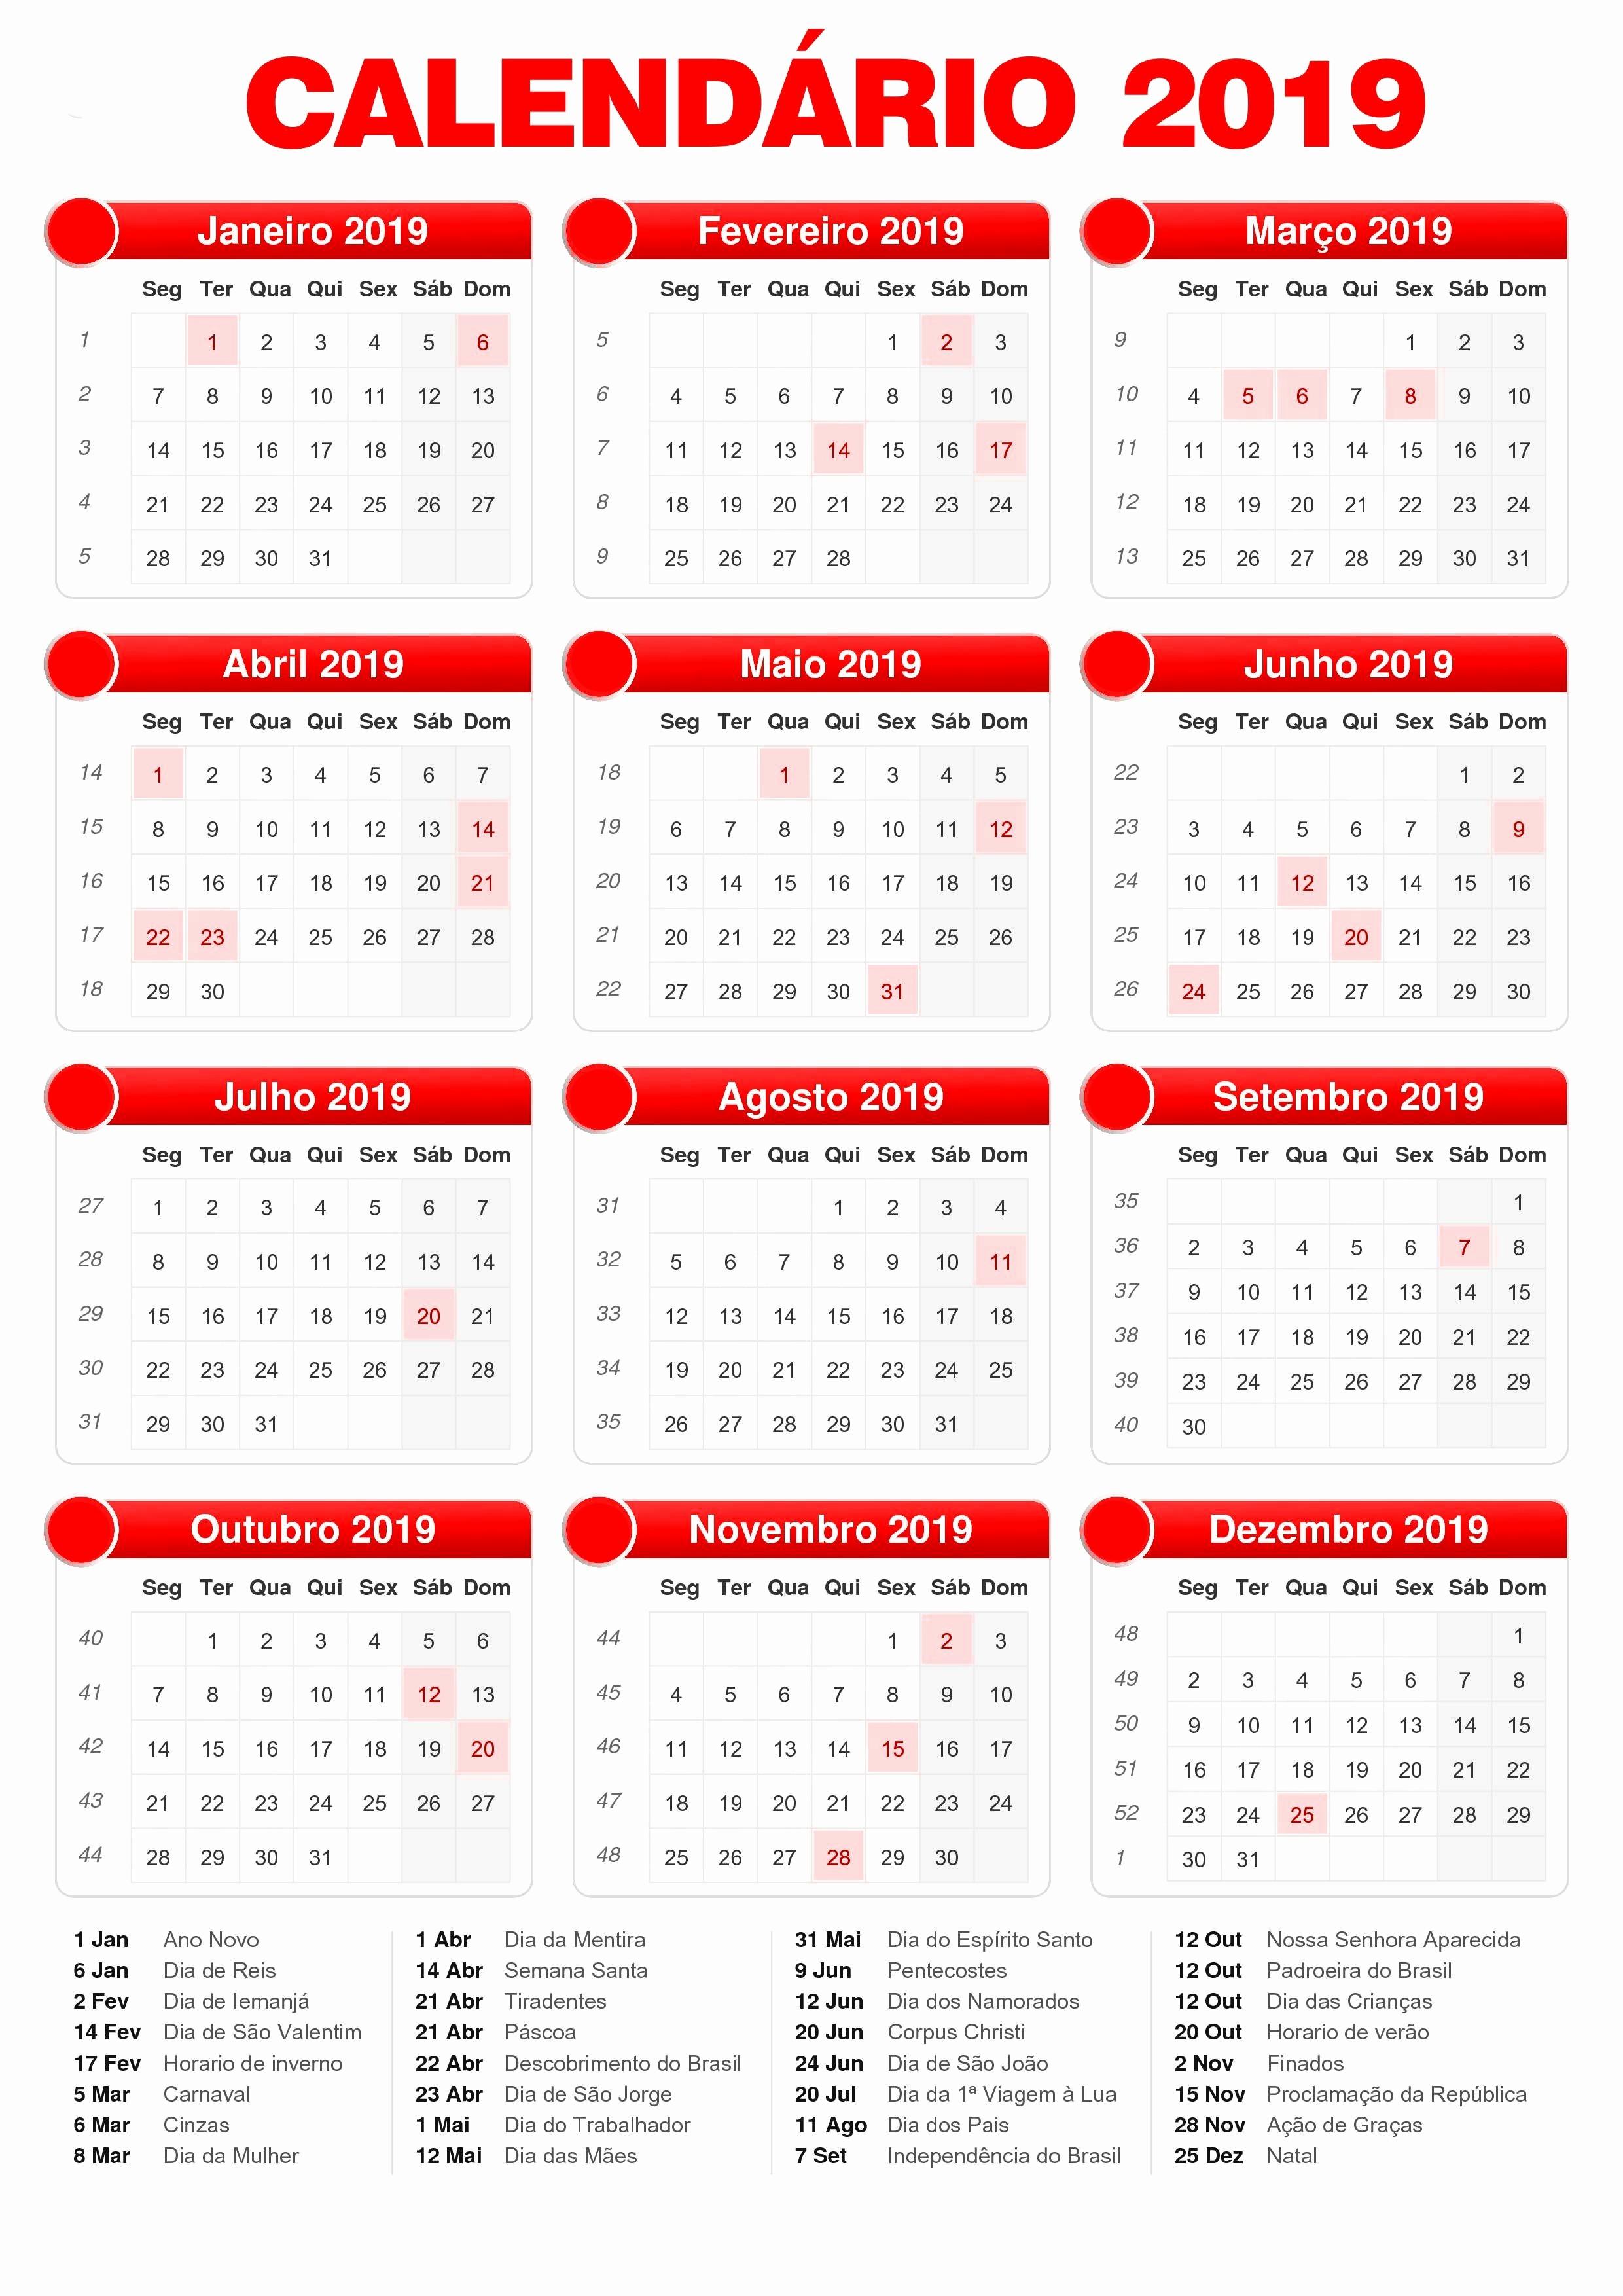 Calendario Abril 2019 Con Festivos Más Arriba-a-fecha Beautiful 41 Ejemplos Calendario De Nacional En Copa Libertadores Of Calendario Abril 2019 Con Festivos Más Recientemente Liberado Calendario 2018 Con Festivos — Fiesta De Lamusica Medellin